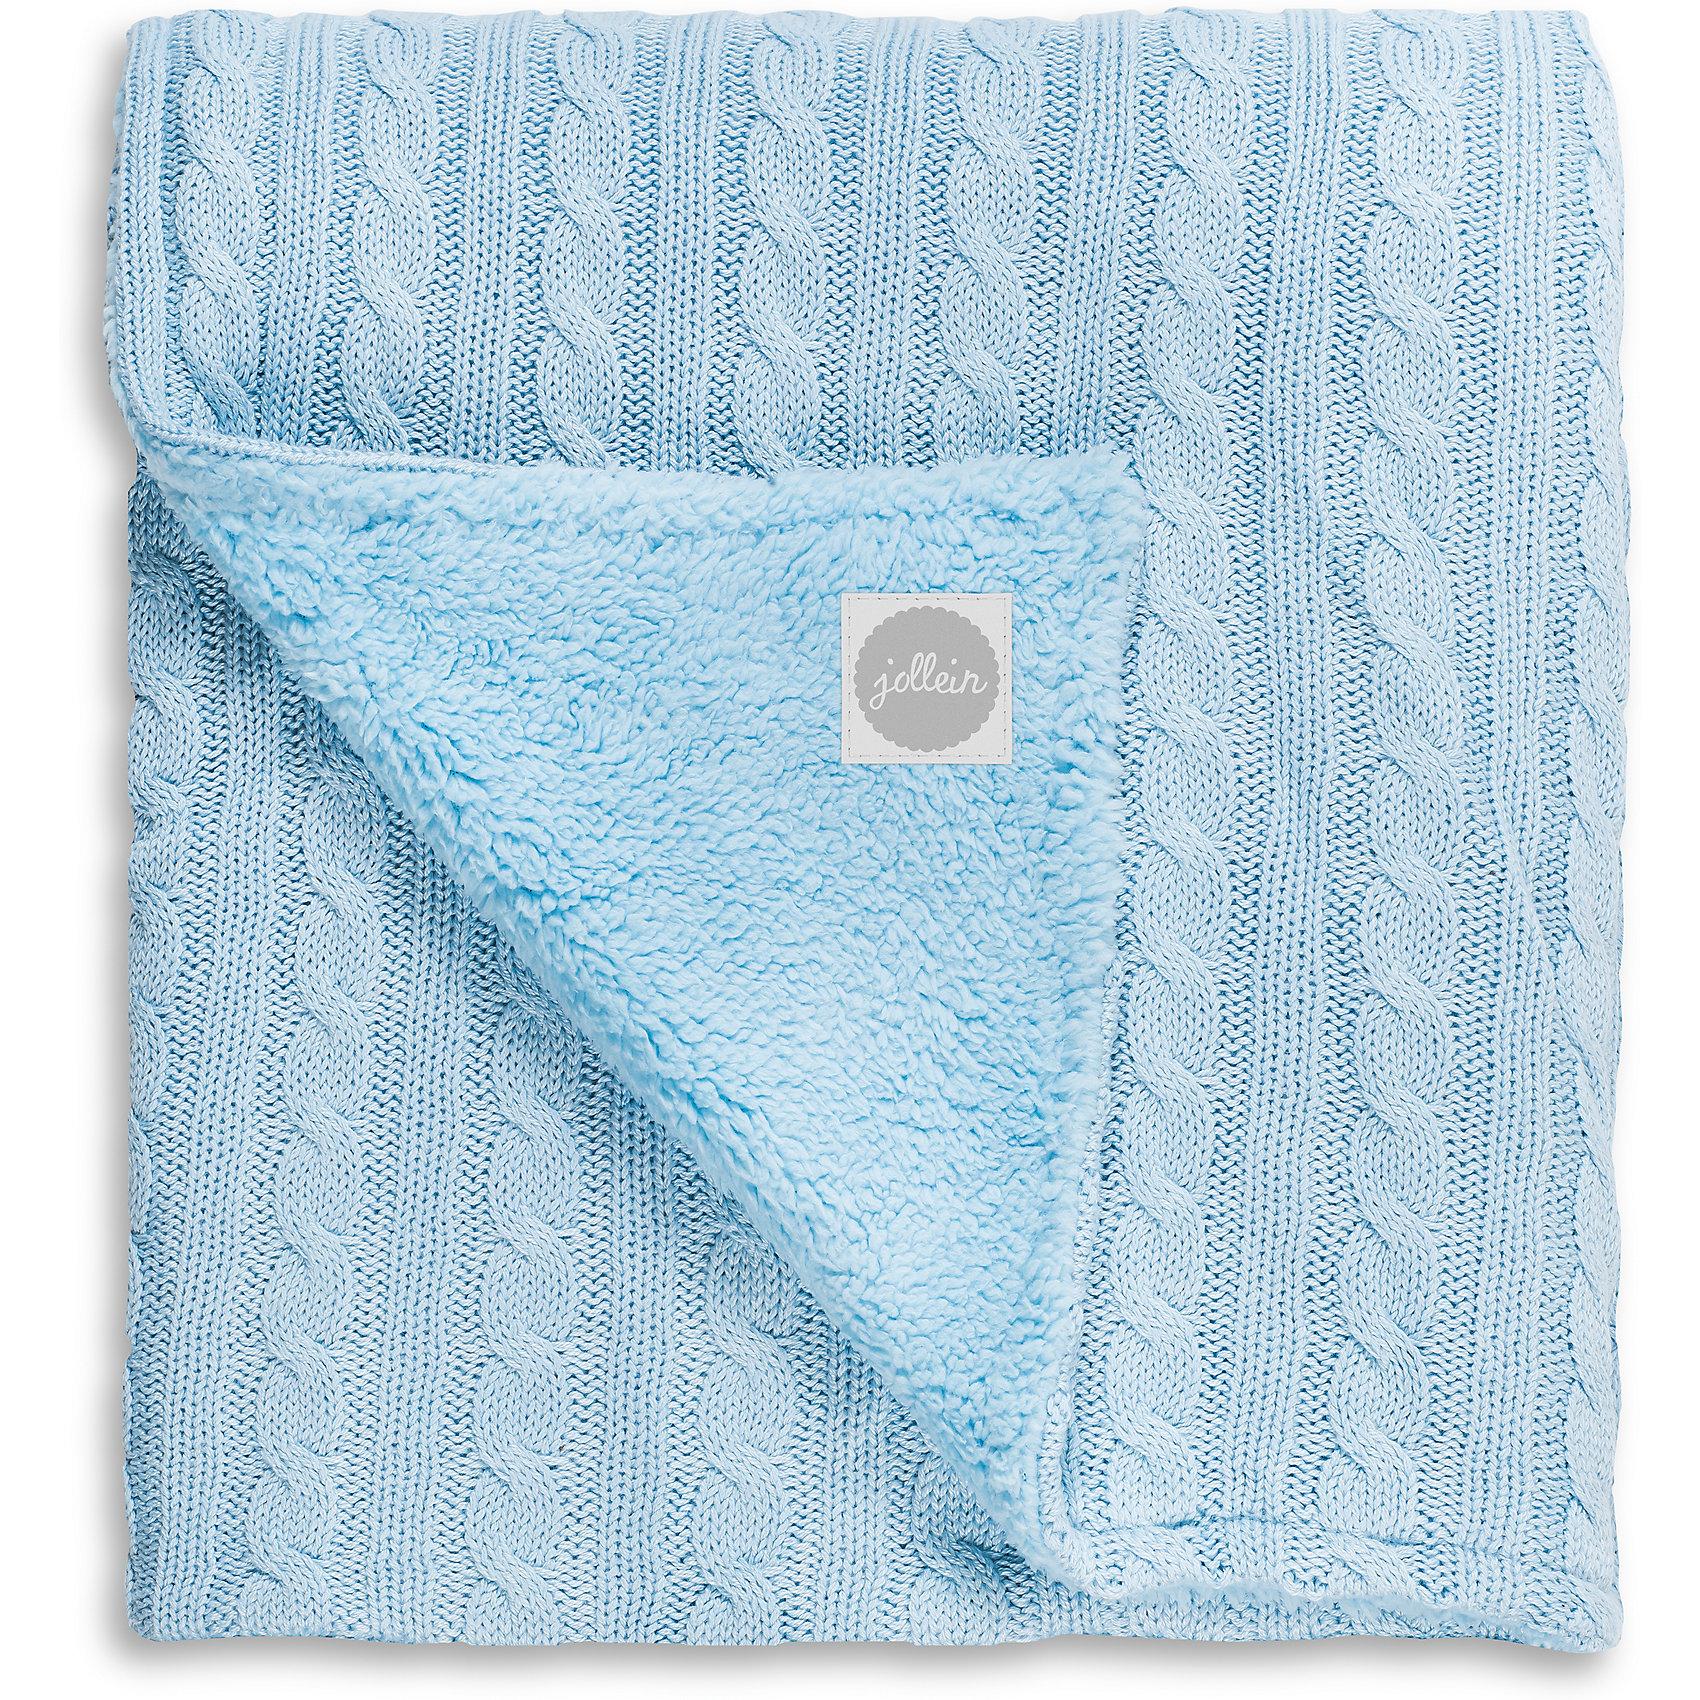 Вязаный плед (косичка) с мехом 100х150 см, Jollein, Light blueОдеяла, пледы<br>Характеристики:<br><br>• Предназначение: для сна<br>• Пол: для мальчика<br>• Сезон: круглый год<br>• Степень утепления: средняя<br>• Температурный режим: от +5? С<br>• Цвет: светло голубой<br>• Тематика рисунка: косы<br>• Материал: 50% хлопок, 50% акрил; утеплитель – мех шерпы, 100% полиэстер<br>• Размер (Ш*Д): 100*150 см<br>• Вес: 750 г<br>• Особенности ухода: машинная или ручная стирка при температуре не более 40 градусов<br><br>Вязаный плед (косичка) с мехом 100х150 см, Jollein, Light blue от торговой марки Жолляйн, которая является признанным лидером среди аналогичных брендов, выпускающих детское постельное белье и текстиль для новорожденных и детей. Продукция этого торгового бренда отличается высоким качеством и дизайнерским стилем. <br><br>Плед выполнен из вязаного полотна, выполненного из сочетания хлопка и акрила, что обеспечивает изделию высокие гигиенические, гигроскопические и гипоаллергенные качества. Благодаря акрилу плед хорошо сохраняет цвет и форму. Повышенные тепловые качества изделию обеспечивает мех шерпы, который отличается мягкостью, гипоаллергенностью и в процессе эксплуатации не электризуется. <br><br>Плед выполнен в классическом дизайне: вязаное полотно с косами и рельефными дорожками. Вязаный плед (косичка) с мехом 100х150 см, Jollein, Light blue – это плед, который подарит тепло и уют в любое время года!<br><br>Вязаный плед (косичка) с мехом 100х150 см, Jollein, Light blue можно купить в нашем интернет-магазине.<br><br>Ширина мм: 260<br>Глубина мм: 320<br>Высота мм: 100<br>Вес г: 1010<br>Возраст от месяцев: 0<br>Возраст до месяцев: 36<br>Пол: Мужской<br>Возраст: Детский<br>SKU: 5367181